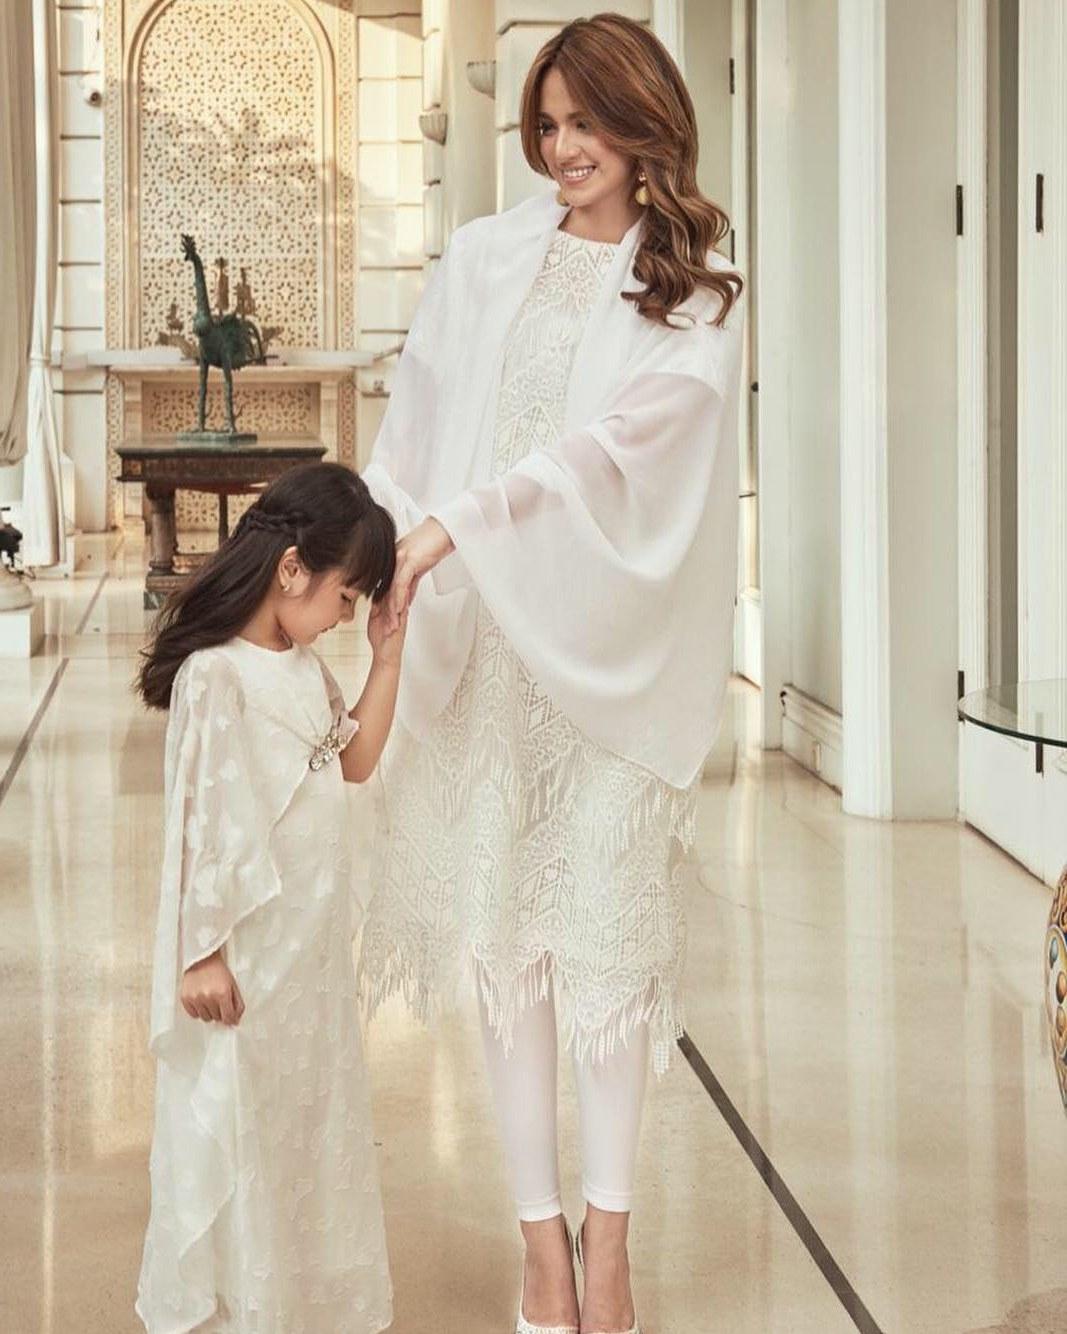 Ide Baju Lebaran Nia Ramadhani Jxdu 5 Penampilan Nia Ramadhani Dengan Busana Serba Putih